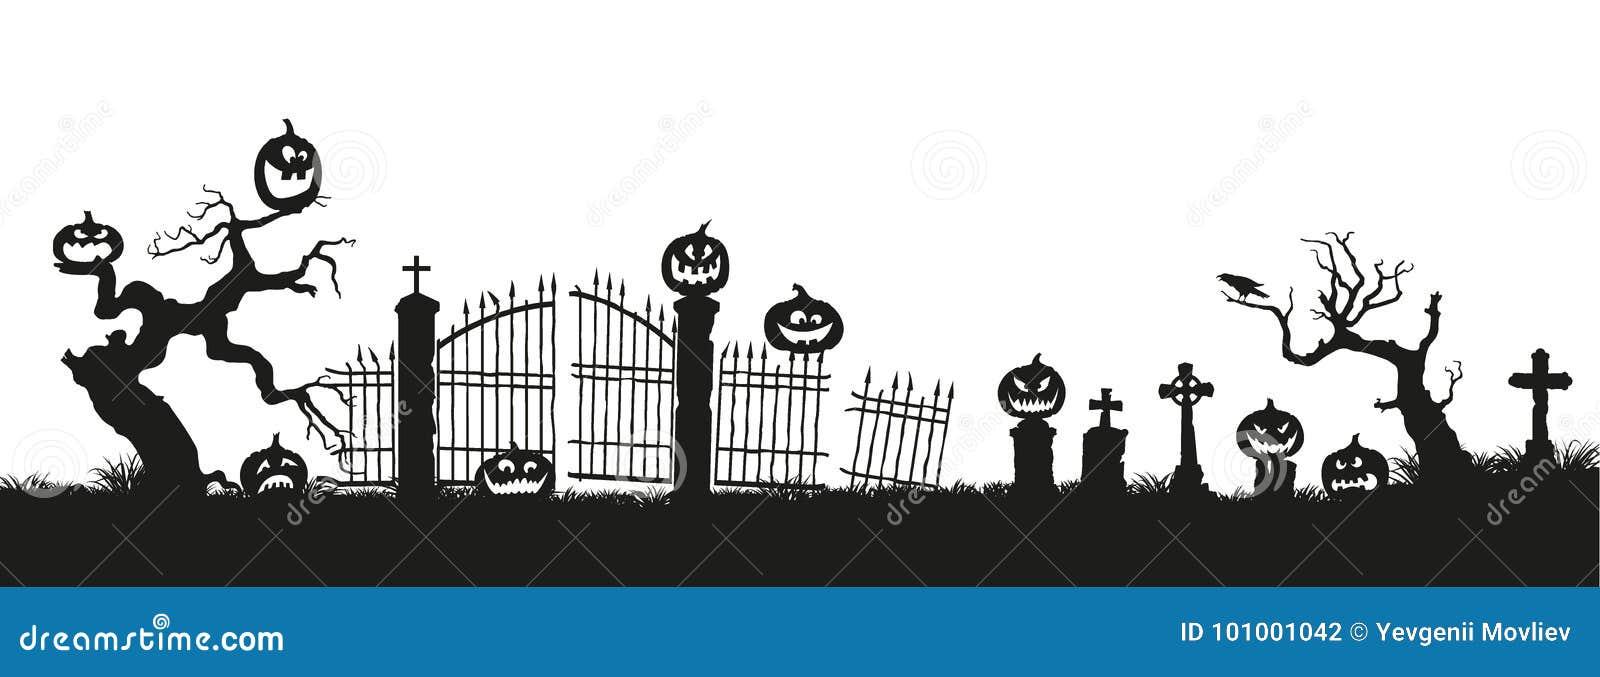 Klipp pumpa för personen för halloween ferie ut Svarta konturer av pumpor på kyrkogården på vit bakgrund Kyrkogård och brutna trä